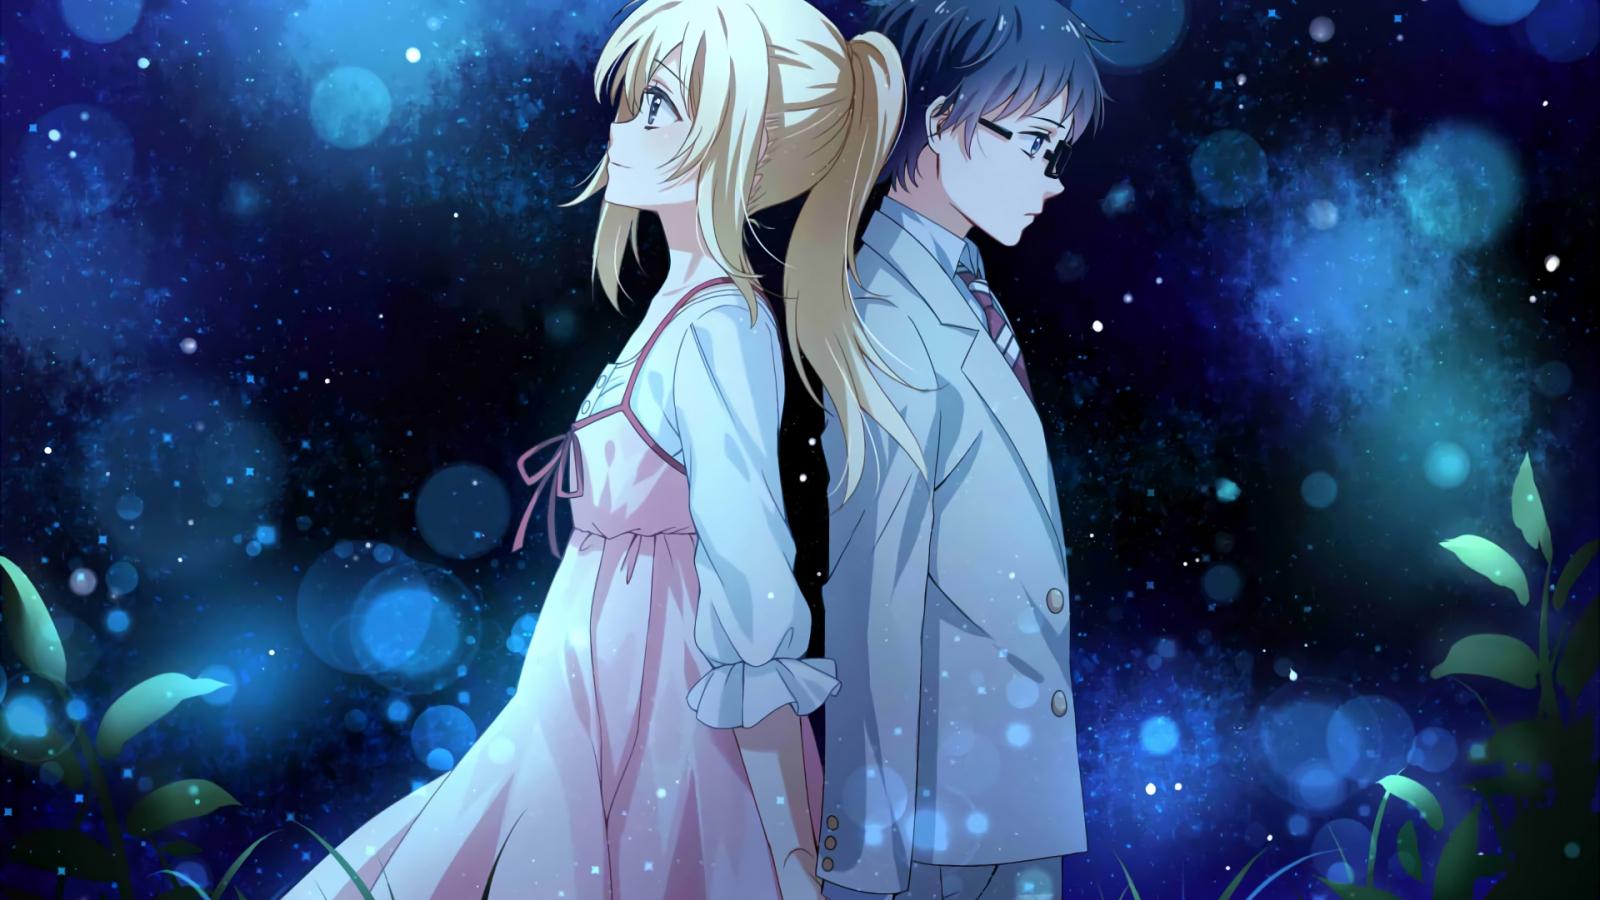 1600x900 wallpaper Anime couple, Kaori Miyazono, Kousei Arima, Your Lie in April